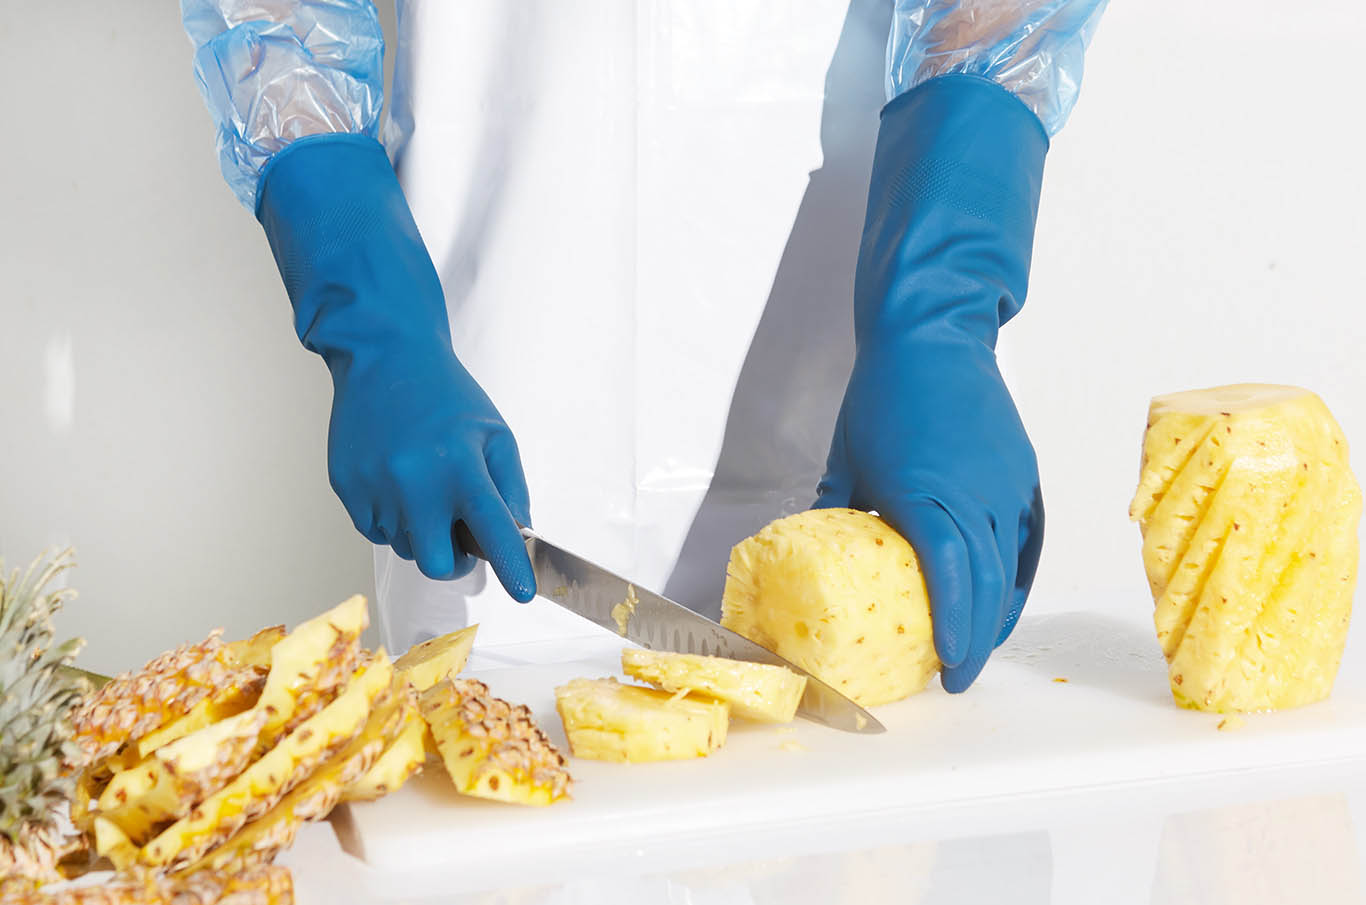 nitrile gloves, rubber gloves, food processing gloves, chlorination gloves, protection gloves, grip gloves, poultry processing gloves, chicken processing gloves, meat processing gloves, industrial gloves, orange gloves, natural gloves, blue gloves, meat processing gloves, general application gloves, Gastro gloves, latex-free gloves, ถุงมือไนไตร,ถุงมือยางไนไตร,ถุงมือยางพารา, ถุงมือแม่บ้าน, ถุงมืออุตสาหกรรม,ถุงมืออุตสาหกรรมอาหาร, ถุงมือทำความสะอาด, ถุงมือป้องกันสารเคมี, ถุงมืออันไลน์, ถุงมืออุตสาหกรรมไก่,ถุงมืออุตสาหกรรมปลา, ถุงมืออุตสาหกรรมเนื้อ, ถุงมืออุตสาหกรรมผัก, ถุงมือ latex free,ถุงมือม้วนขอบ, ถุงมือตัดขอบ